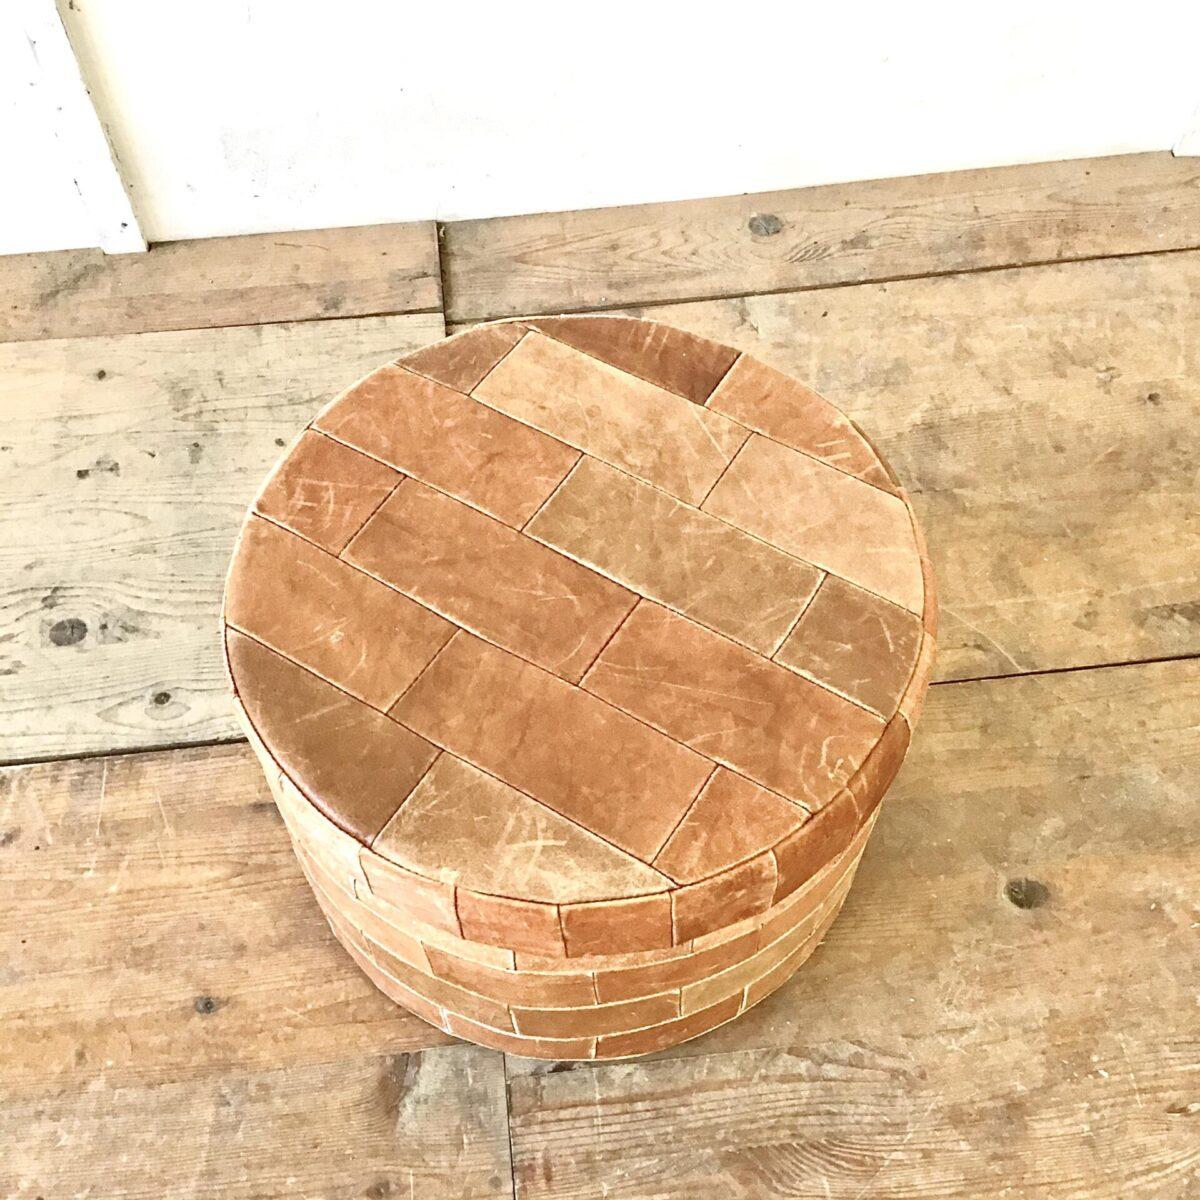 Vintage Leder Sitzhocker Wäschekorb Durchmesser 48cm Höhe 34cm.